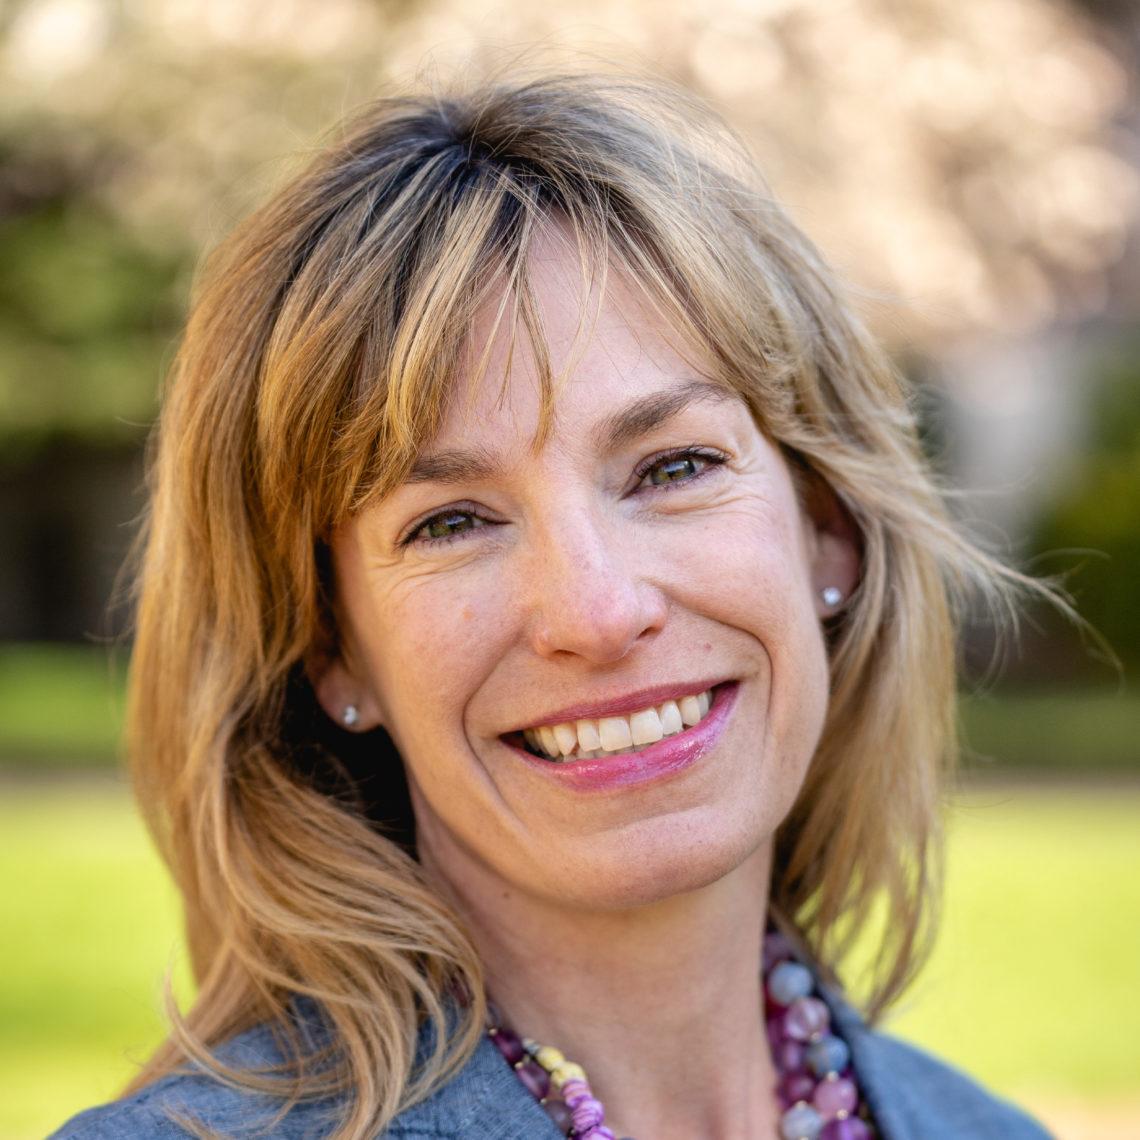 Shannon Bailie, Director